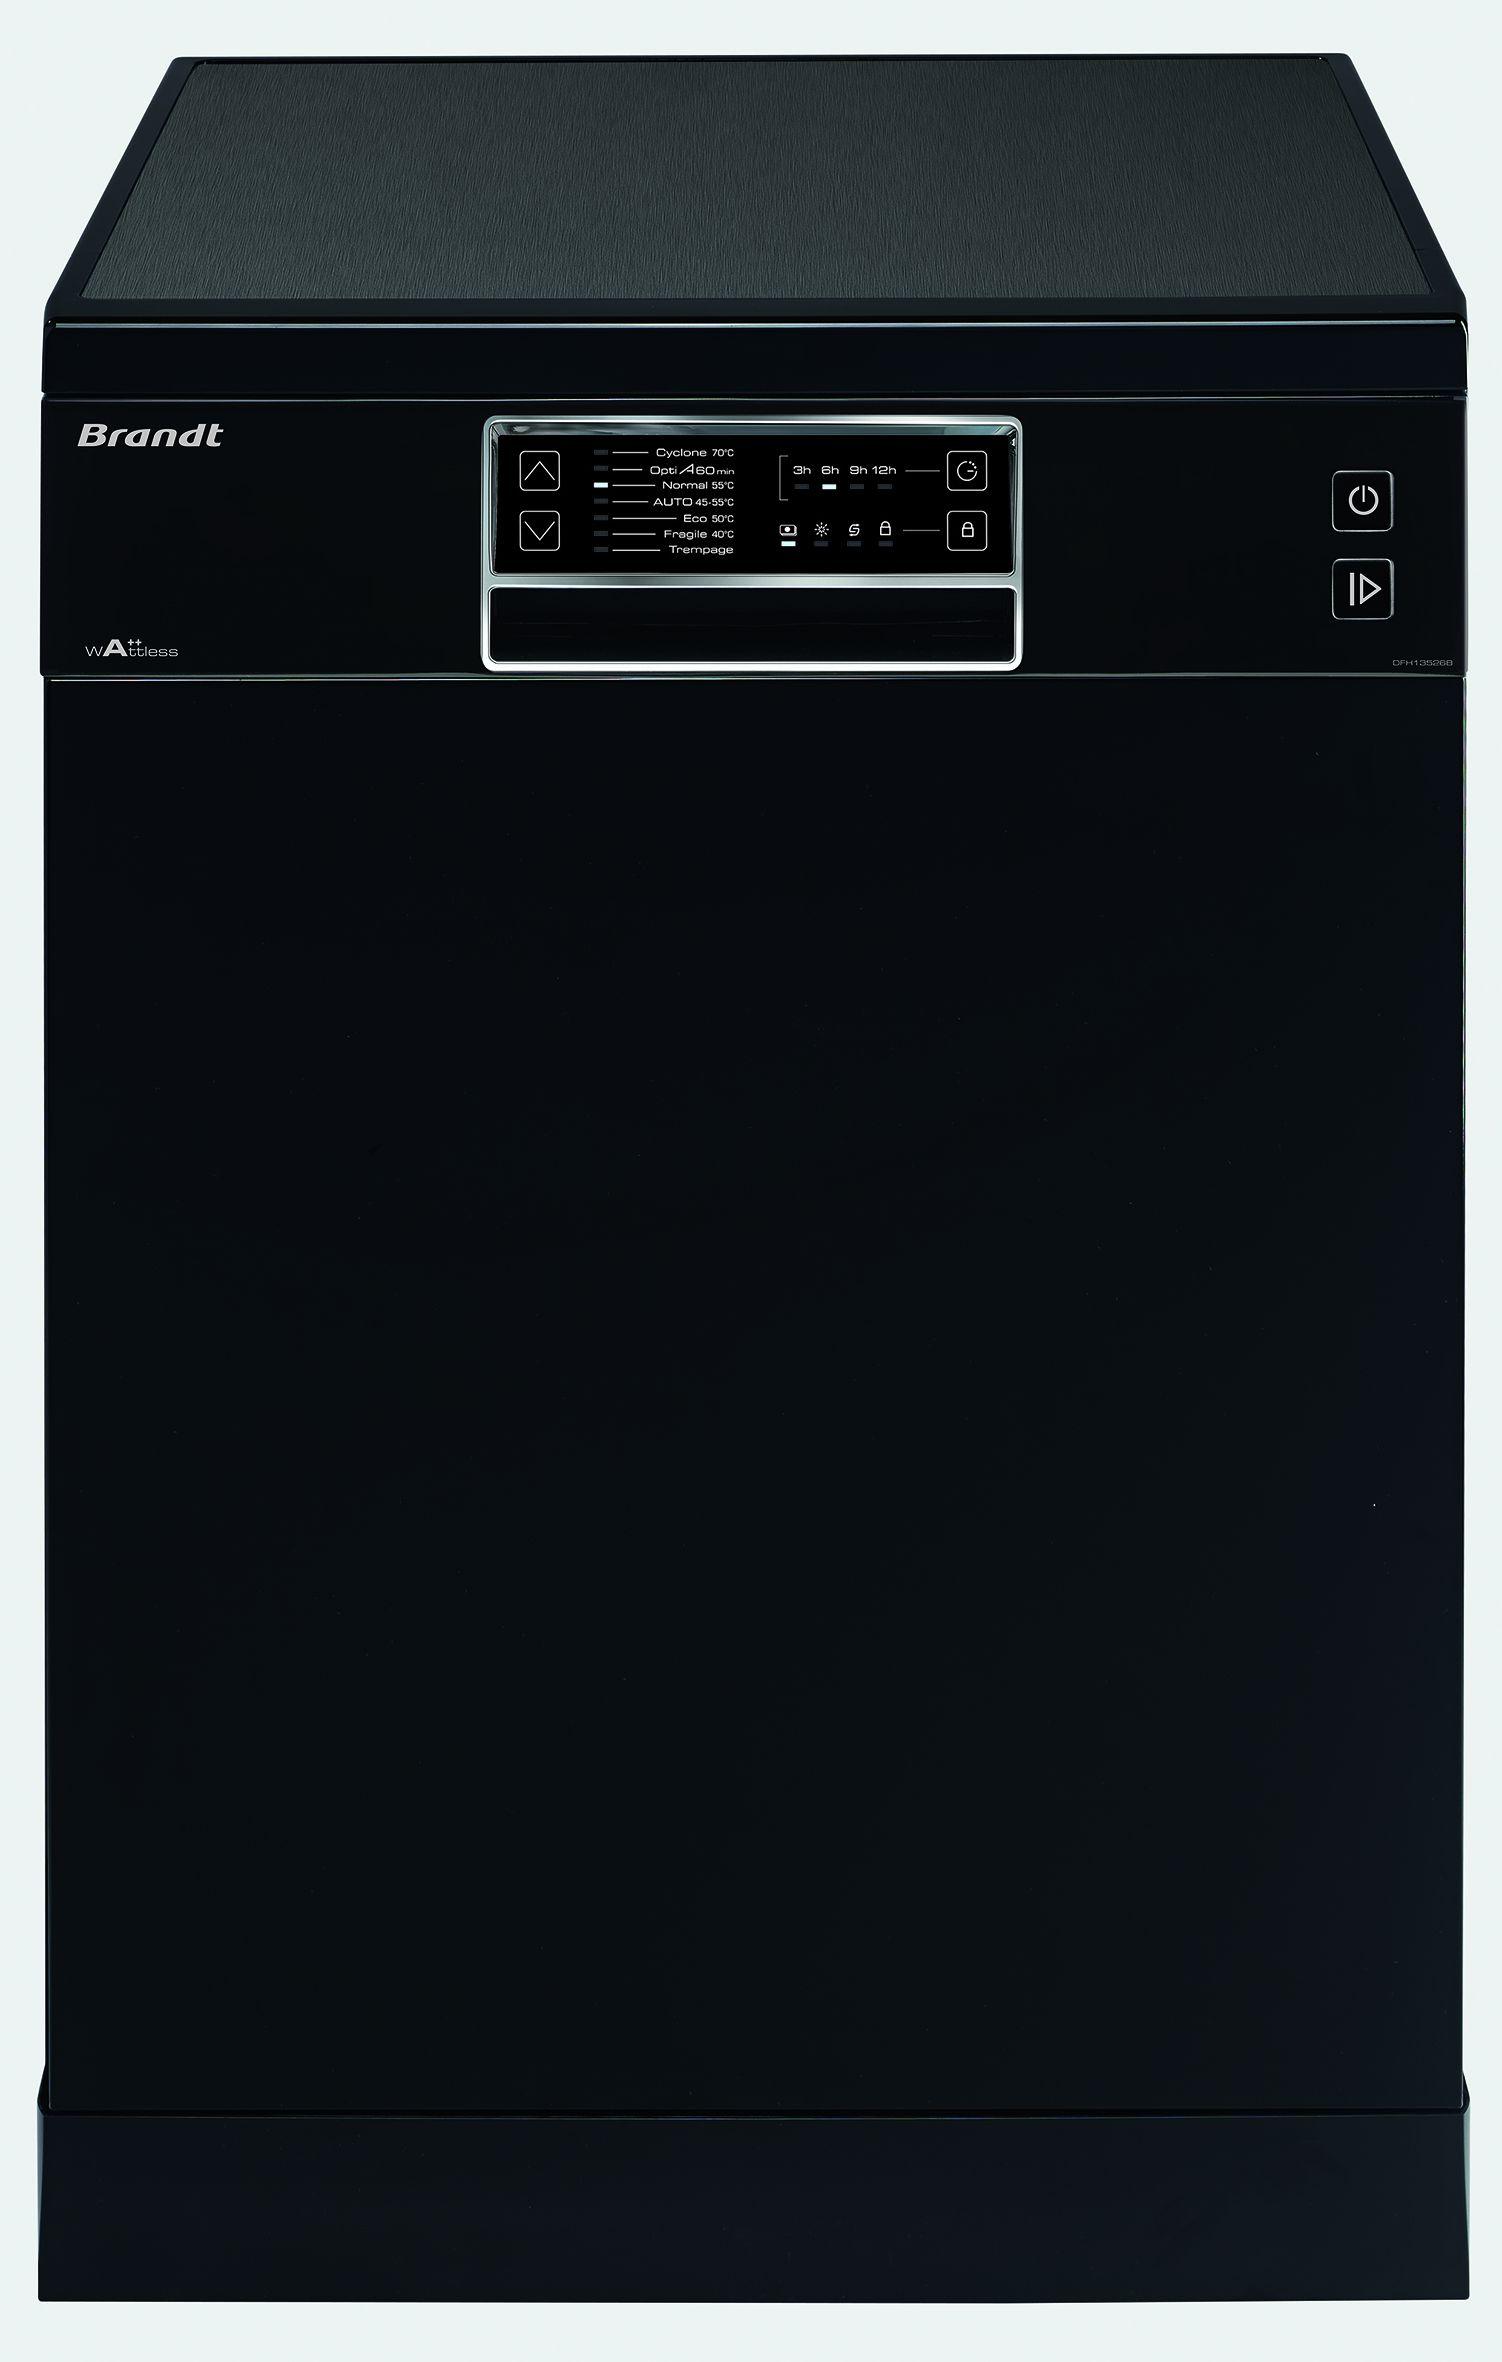 brandt dfh13526b lave vaisselle posable 13 couverts 46db a larg 60cm achat. Black Bedroom Furniture Sets. Home Design Ideas